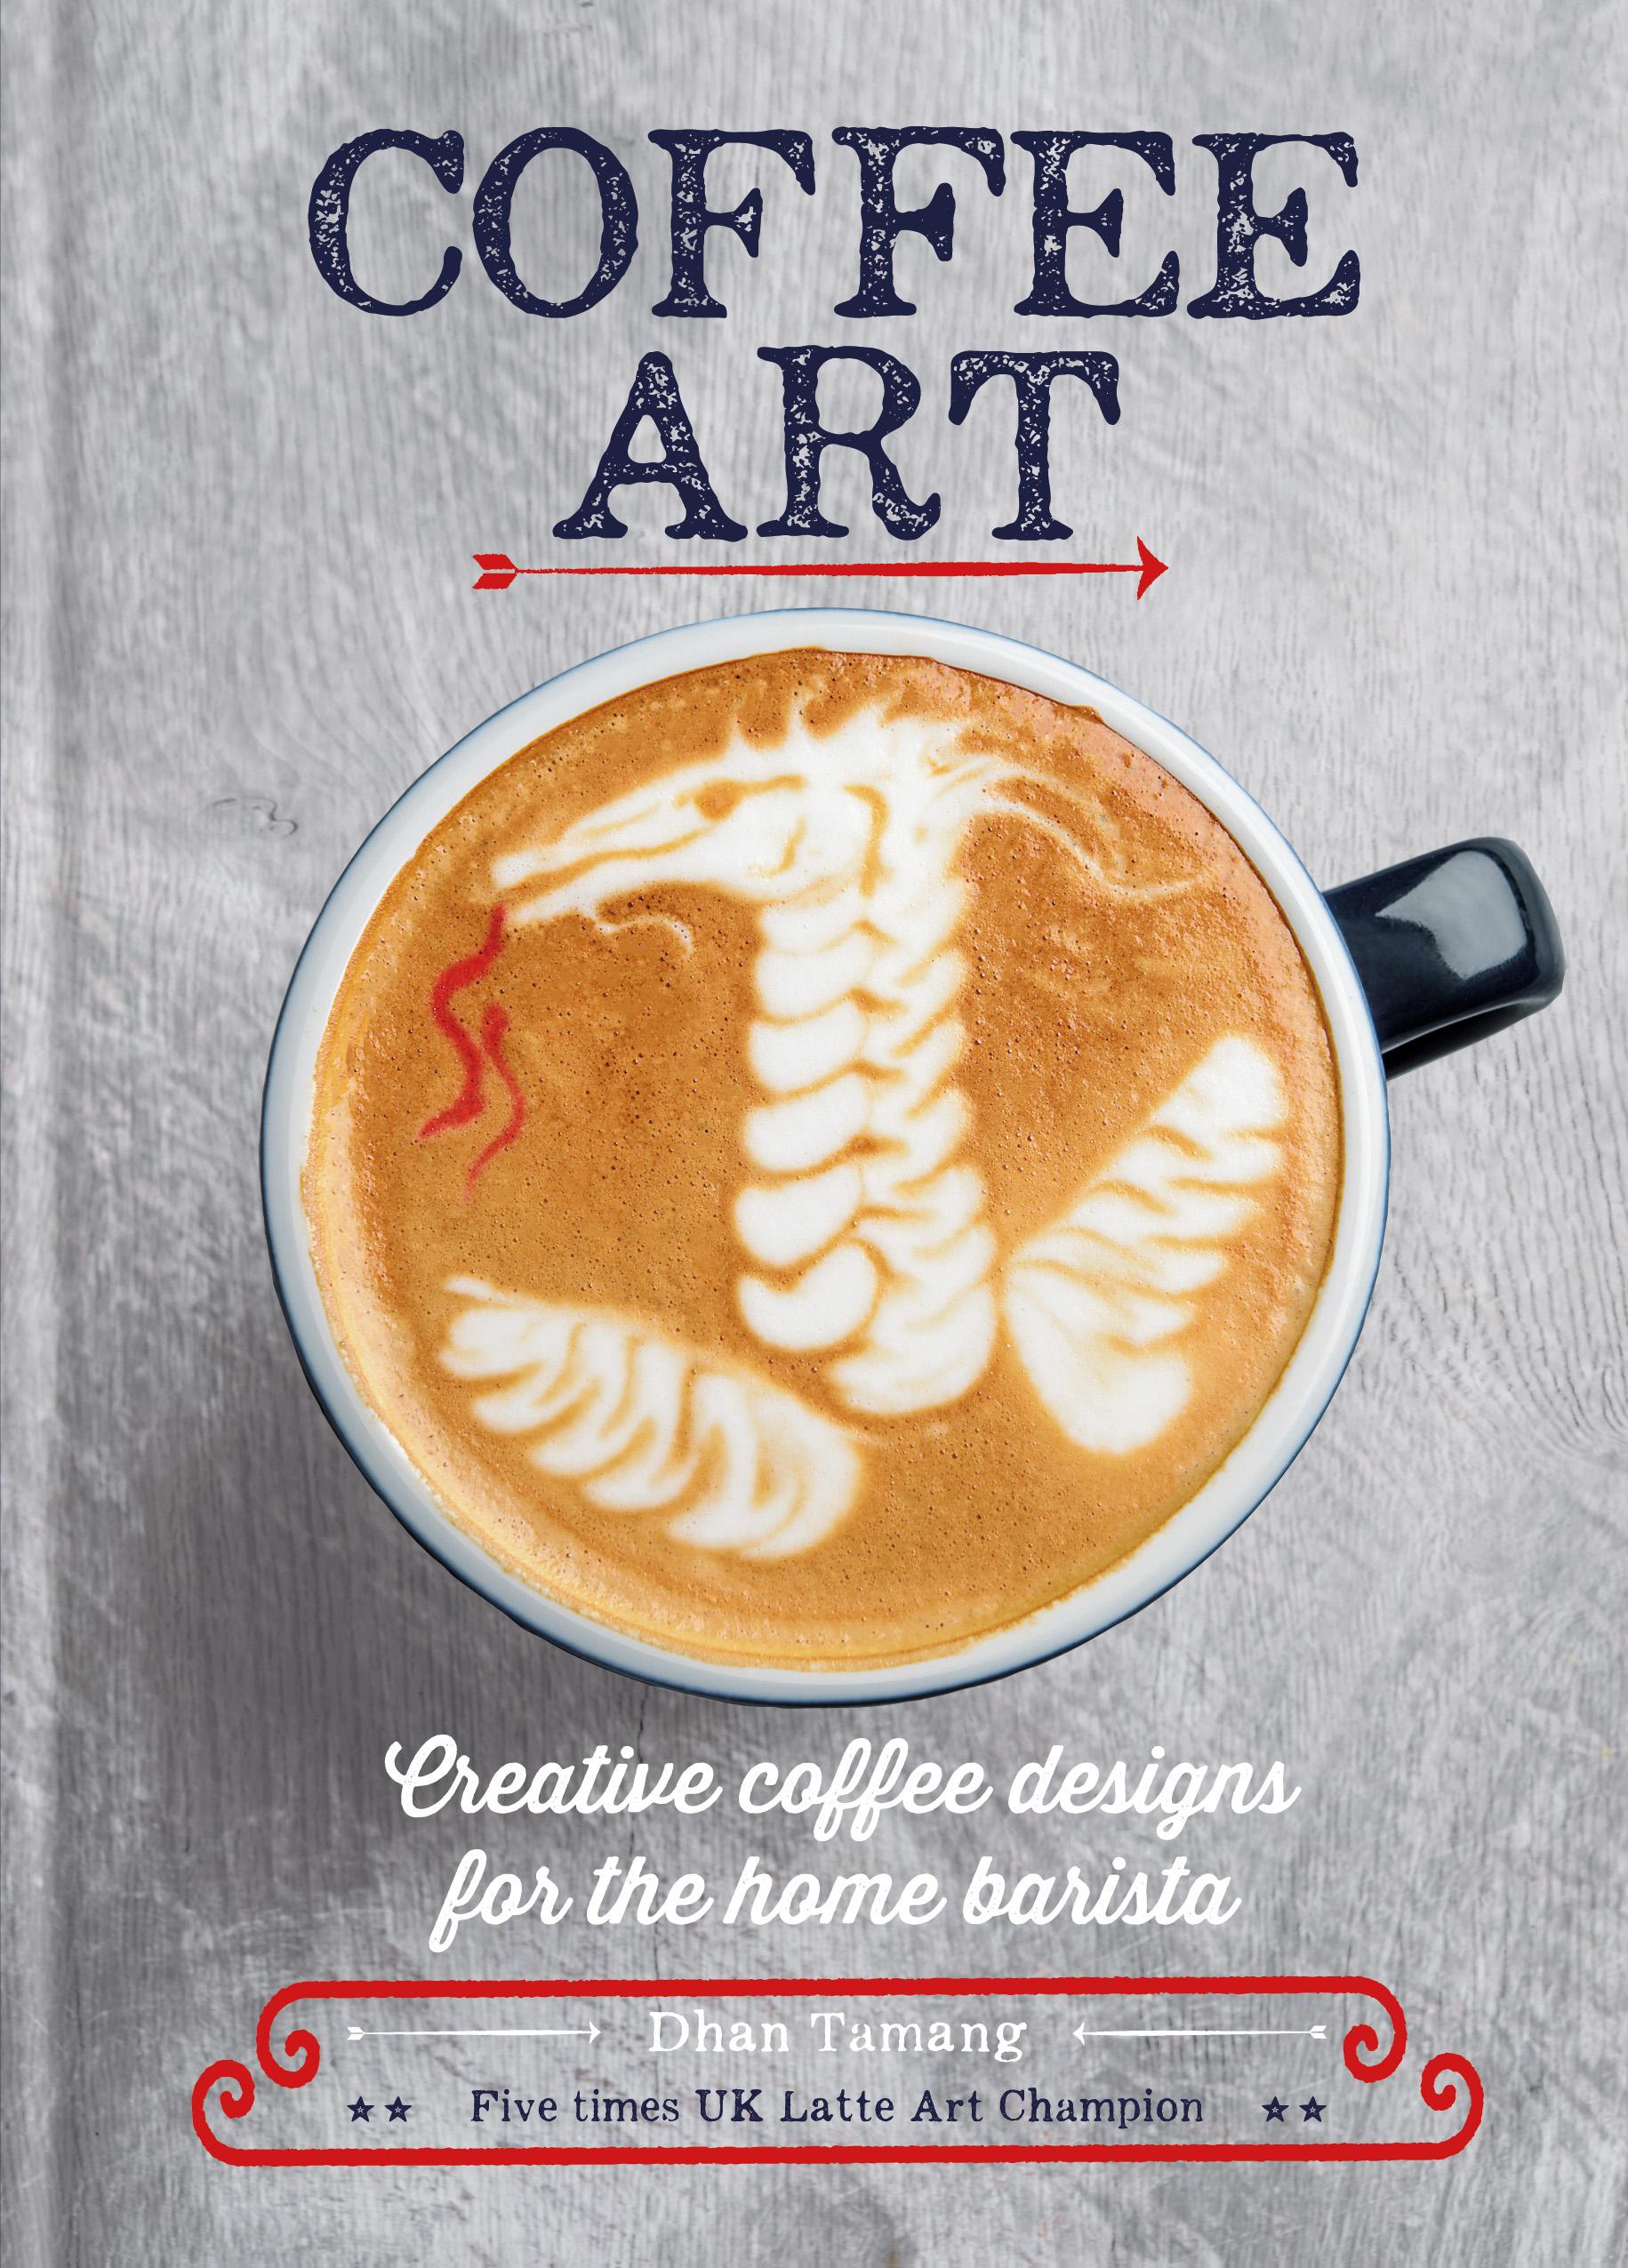 Dhan Tamang Coffee Art book cover